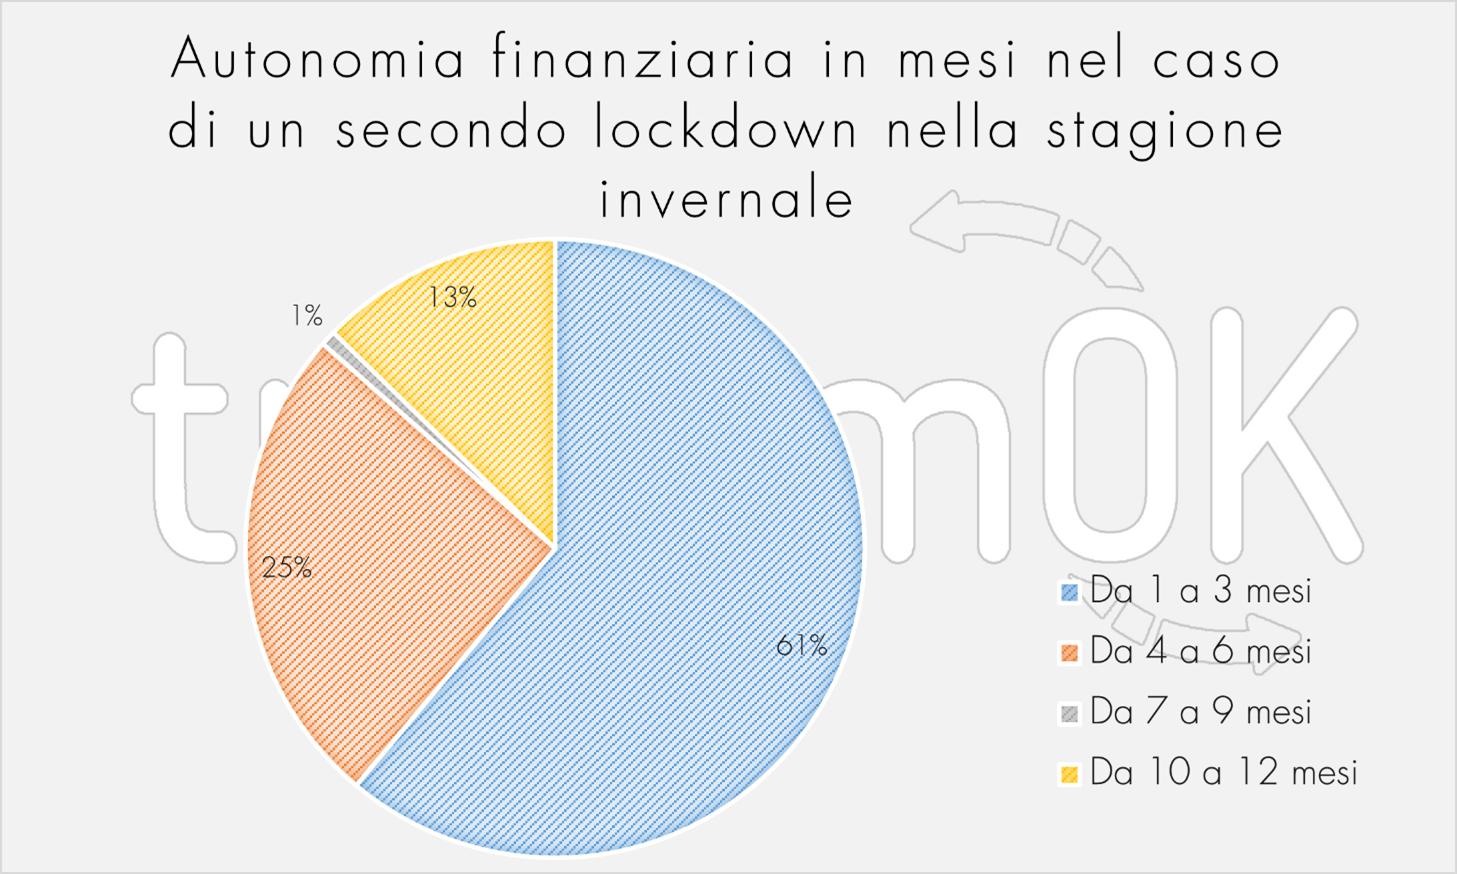 Autonomia finanziaria lockdown stagione invernale indagine estiva 2020 osservatorio turistico Valle d Aosta